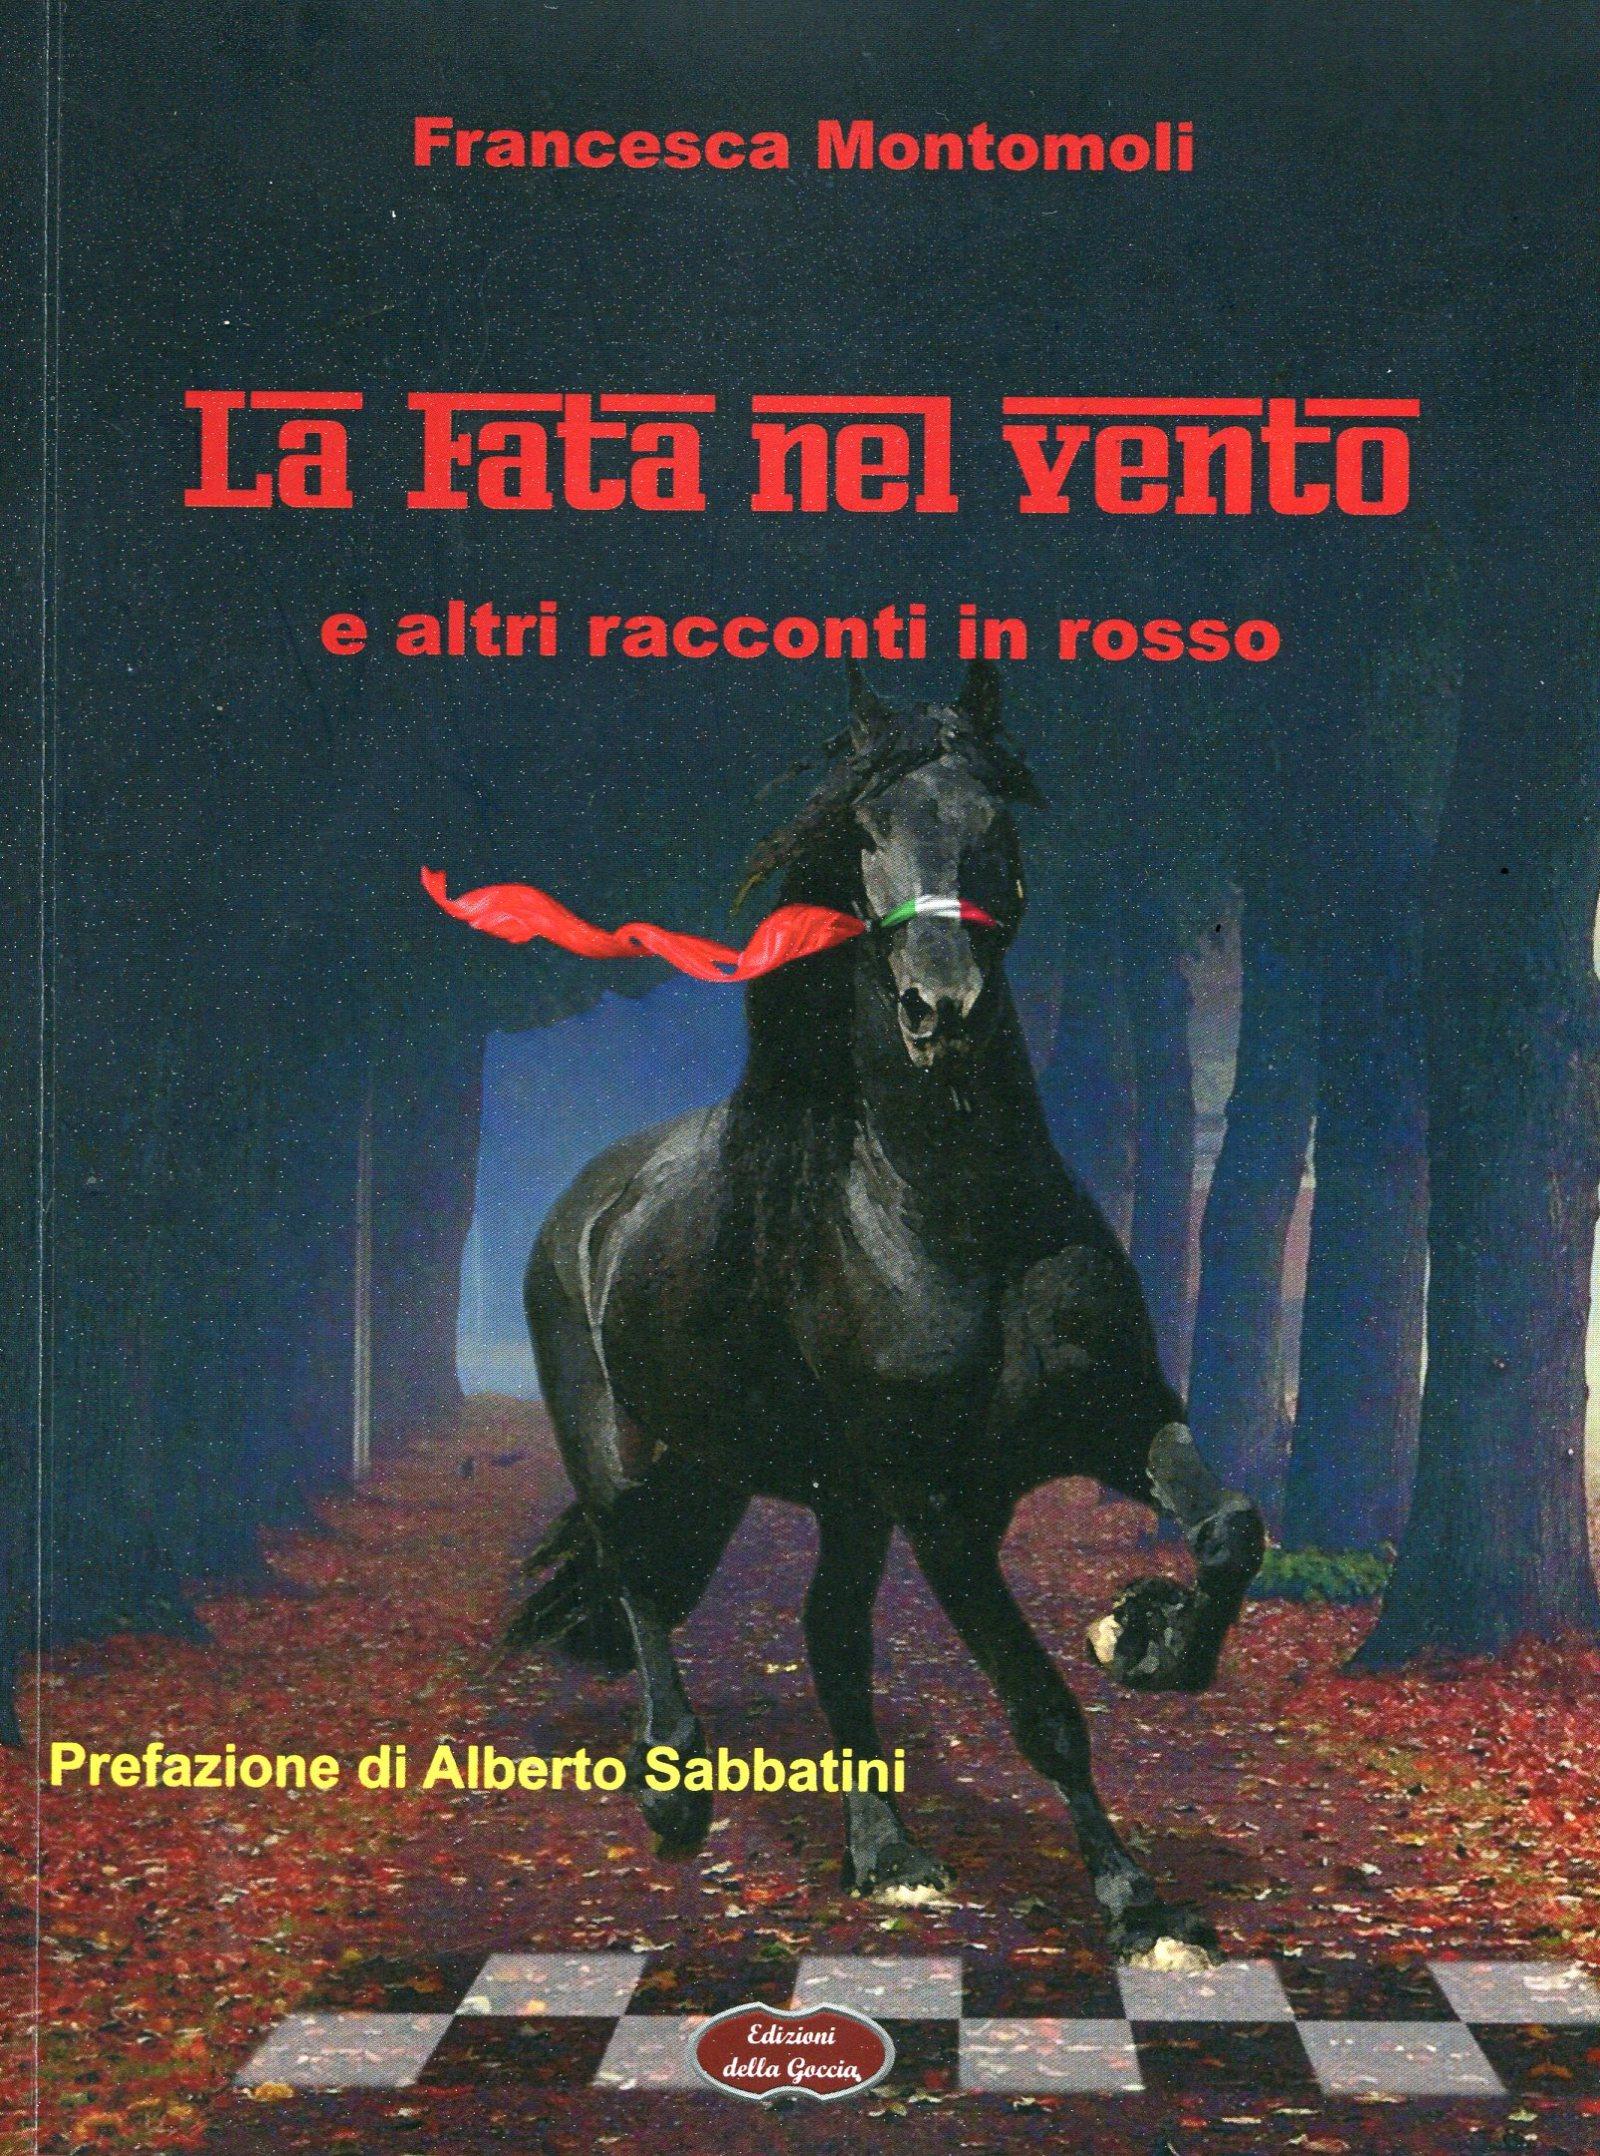 La fata nel vento e altri racconti in rosso di Francesca Montomoli